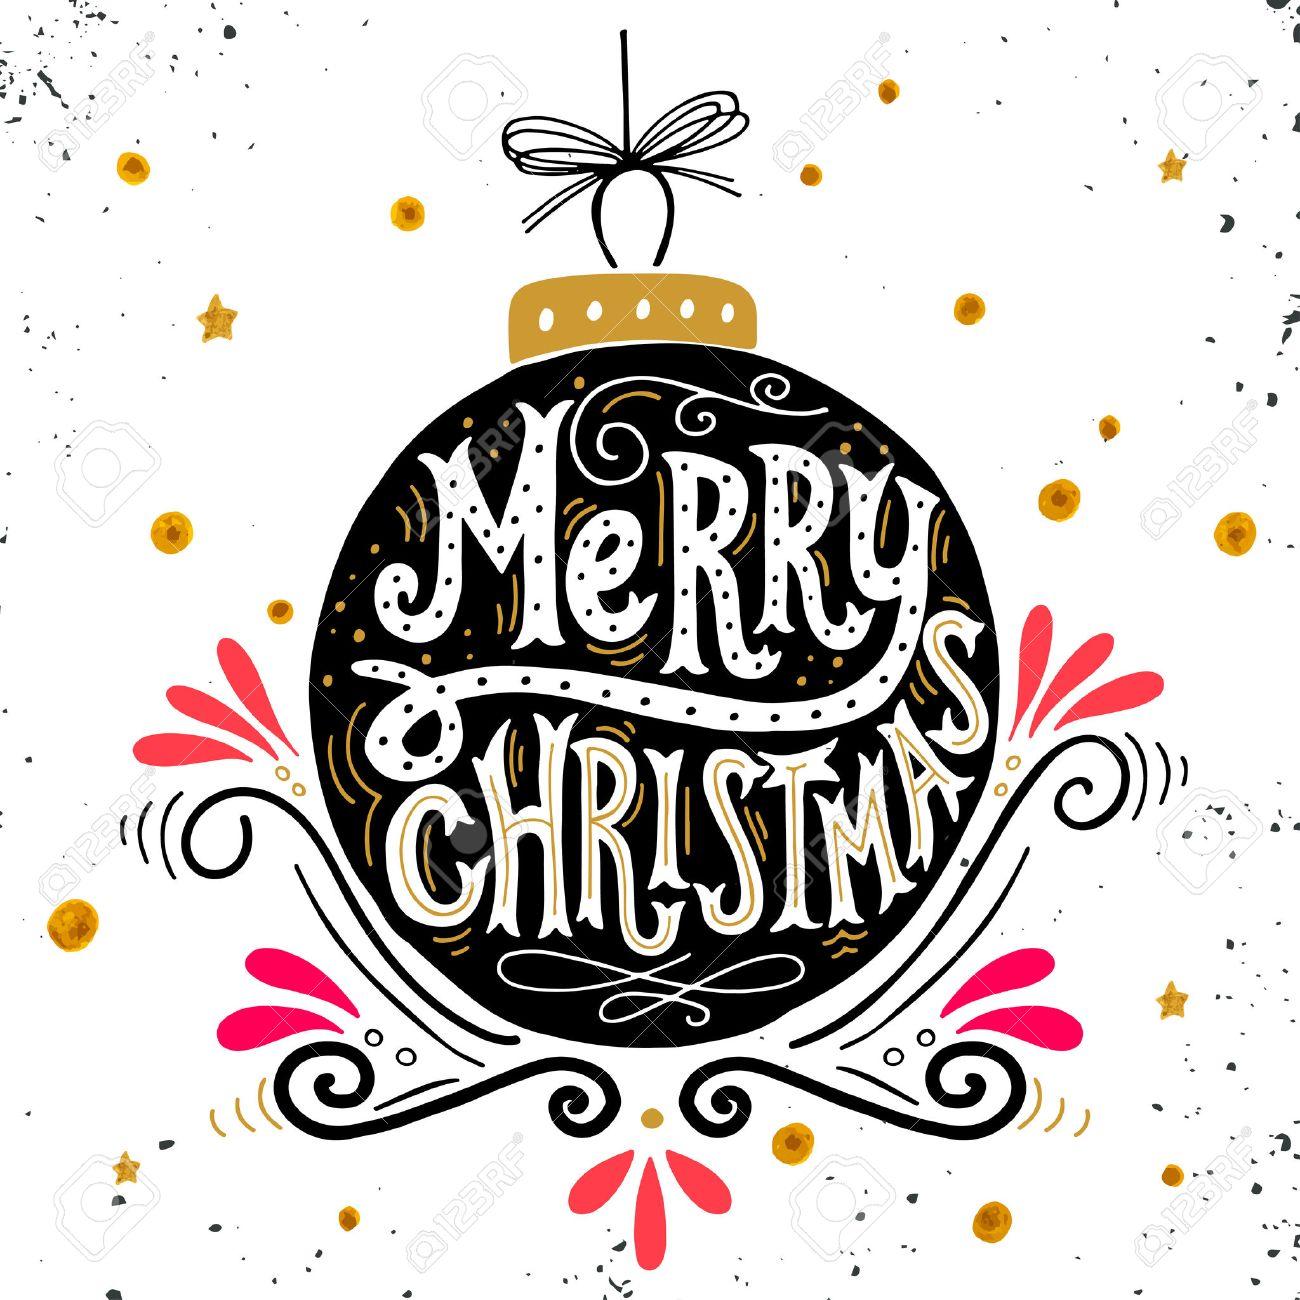 Immagini Con Scritte Di Buon Natale.Buon Natale Poster Retro Con Scritte A Mano Palla Di Natale E Elementi Di Decorazione Questa Illustrazione Puo Essere Utilizzato Come Biglietto Di